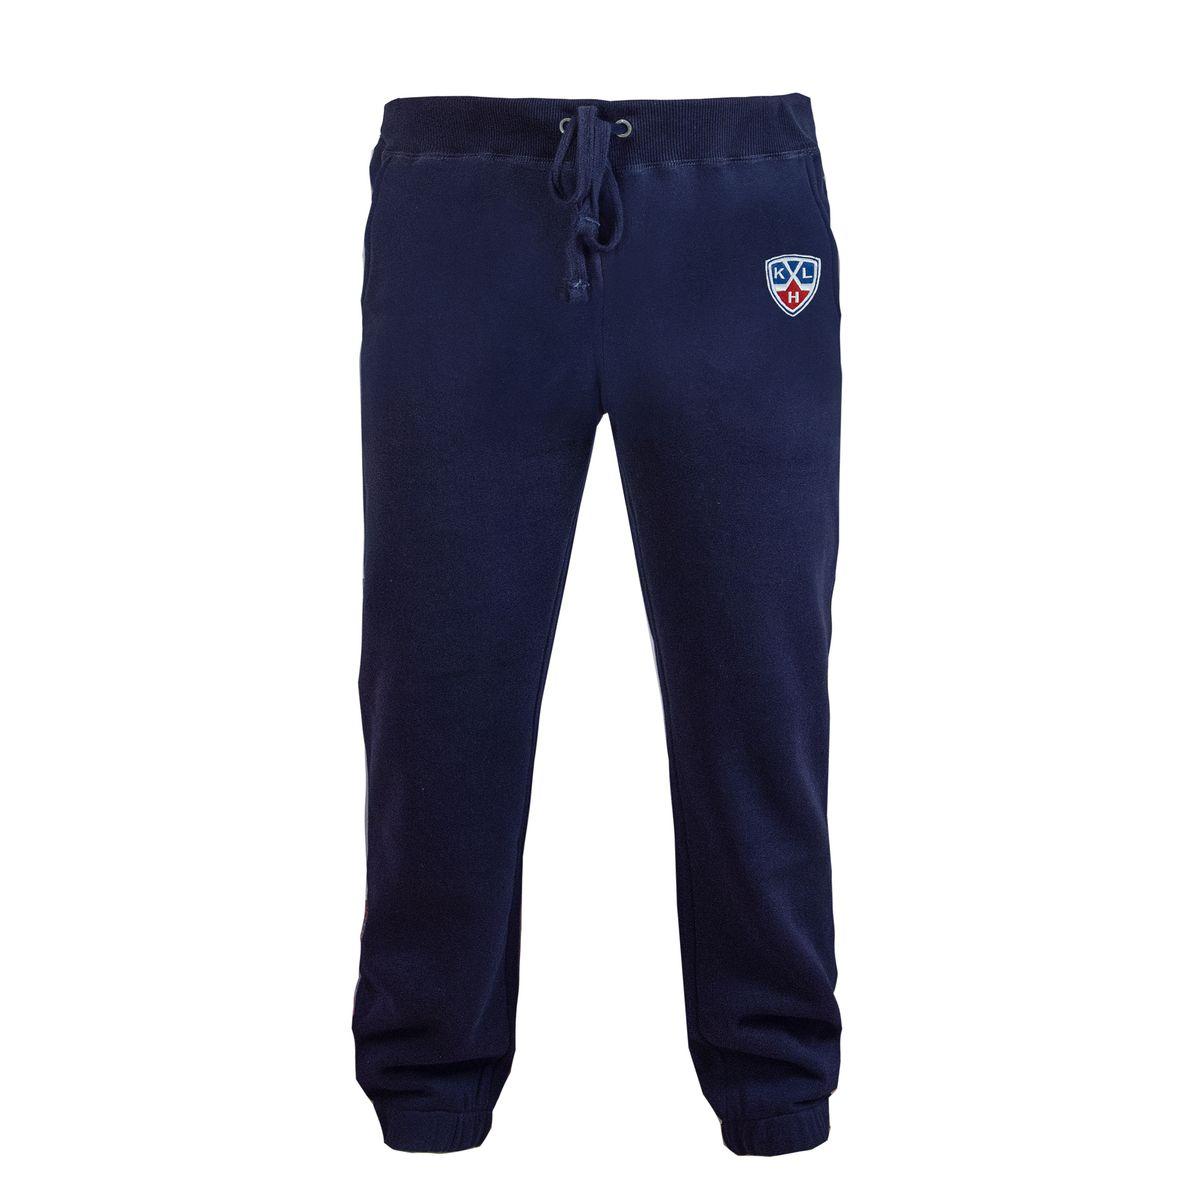 Брюки с логотипом ХК322020Спортивные брюки КХЛ с символикой клуба. Изготовлены из плотного трикотажа с мягкой ворсистой внутренней стороной. Дополнены двумя боковыми карманами и вышивкой.